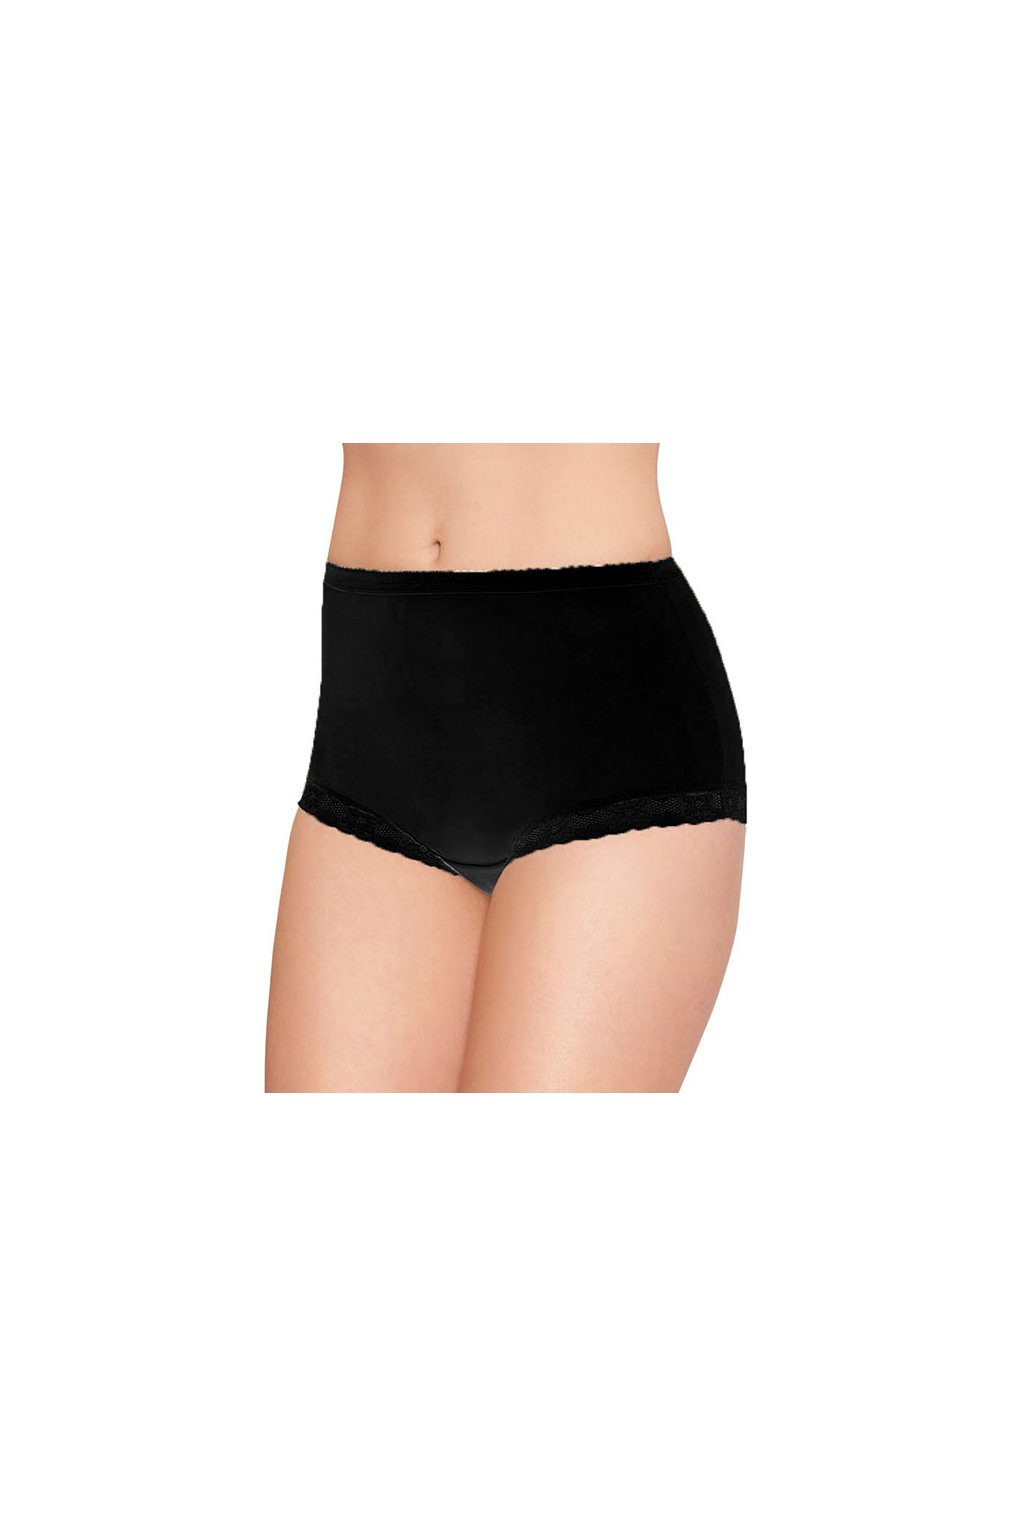 Dámské kalhotky, 100ROKSANA 29, černá